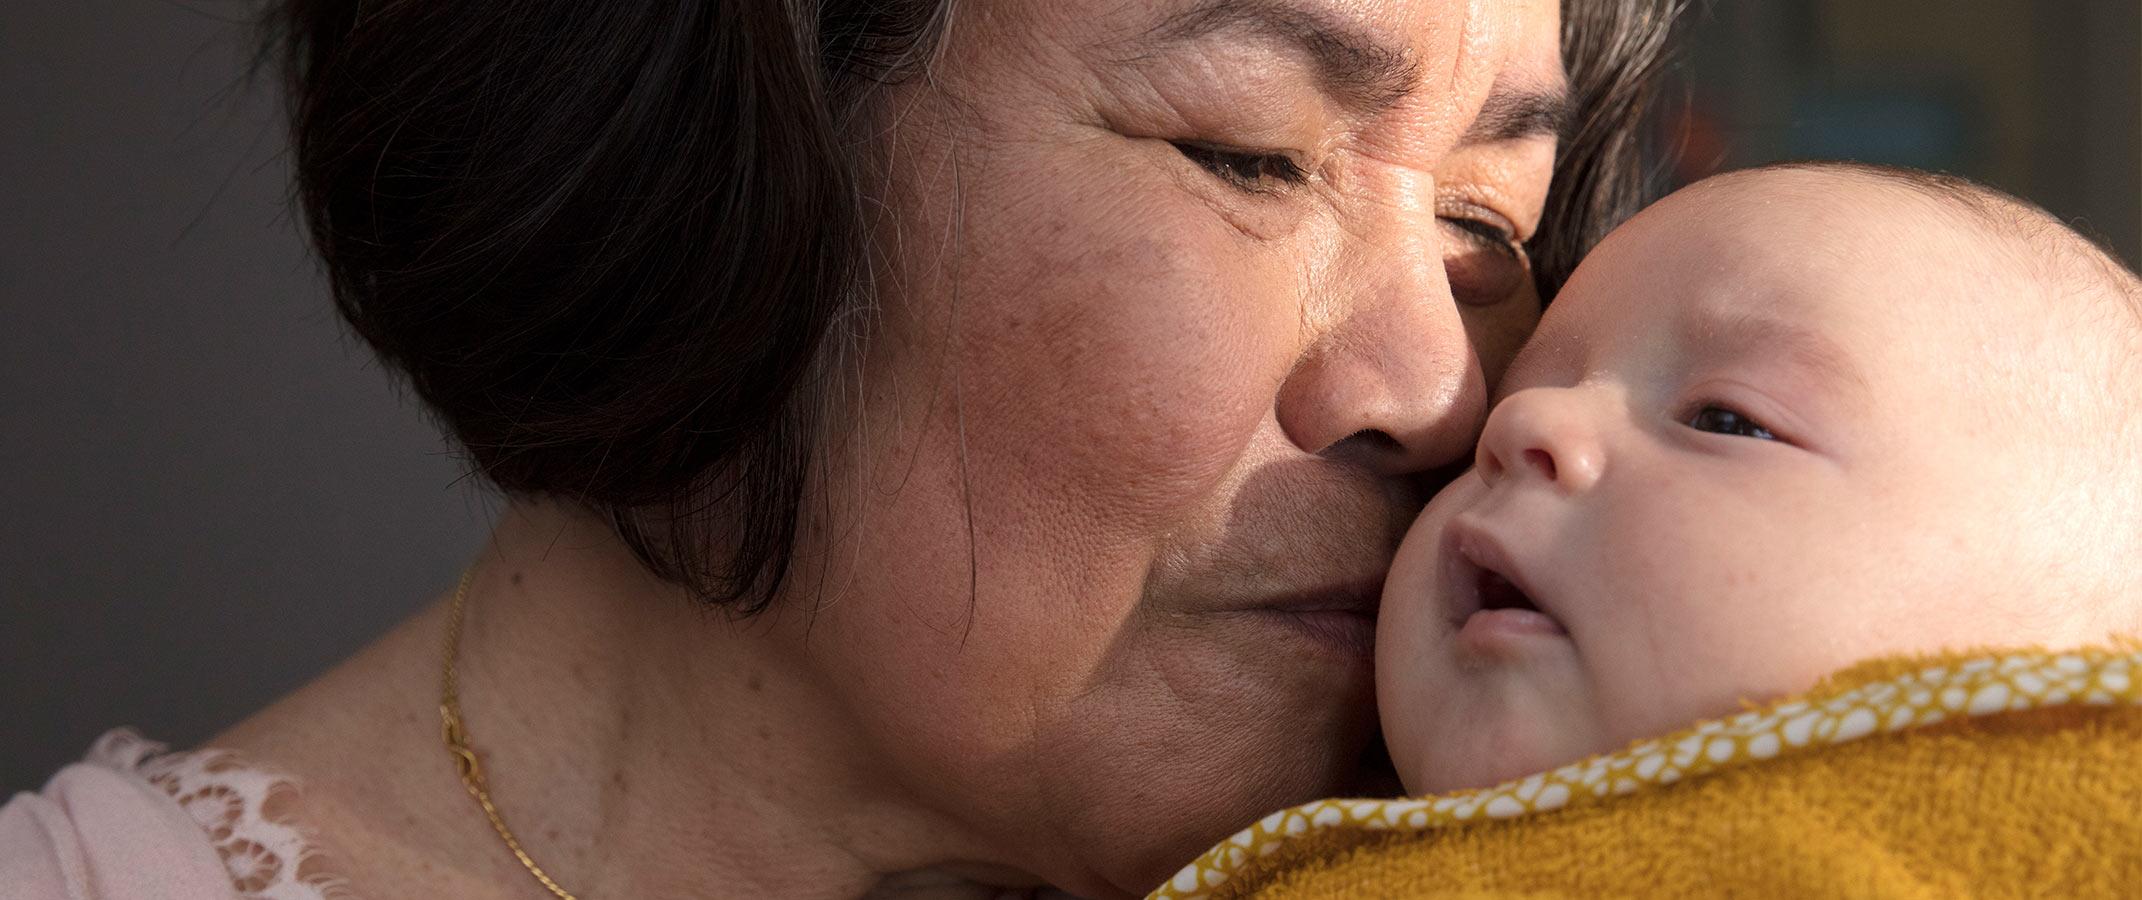 Une grand-mère embrassant un bébé